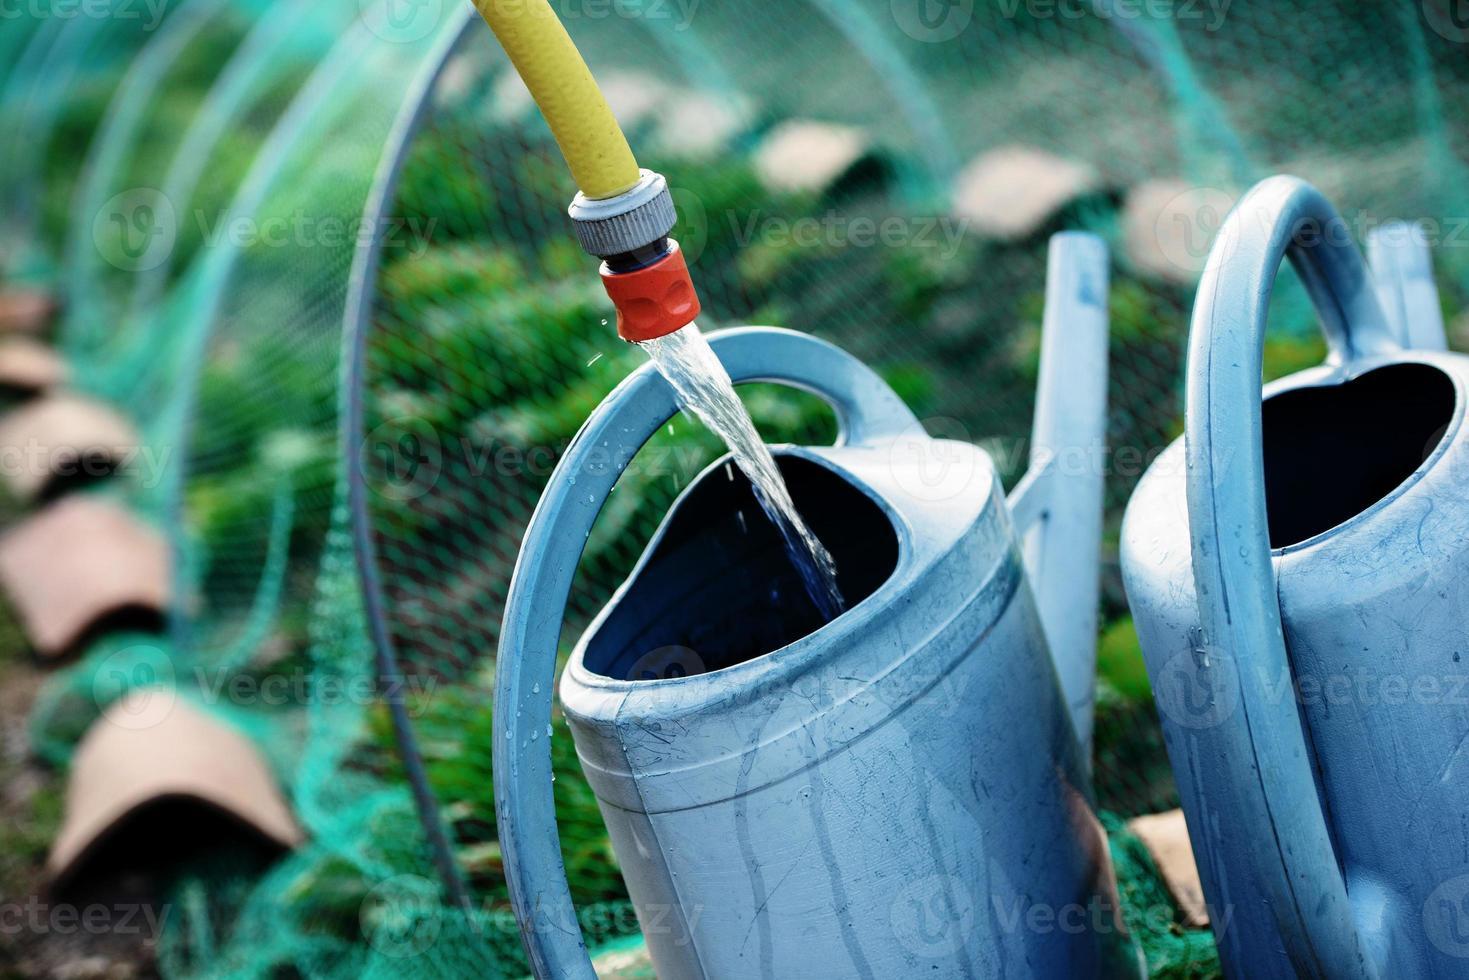 Gartenarbeit, Gießkanne mit Wasser füllen, um die Pflanzen zu gießen foto